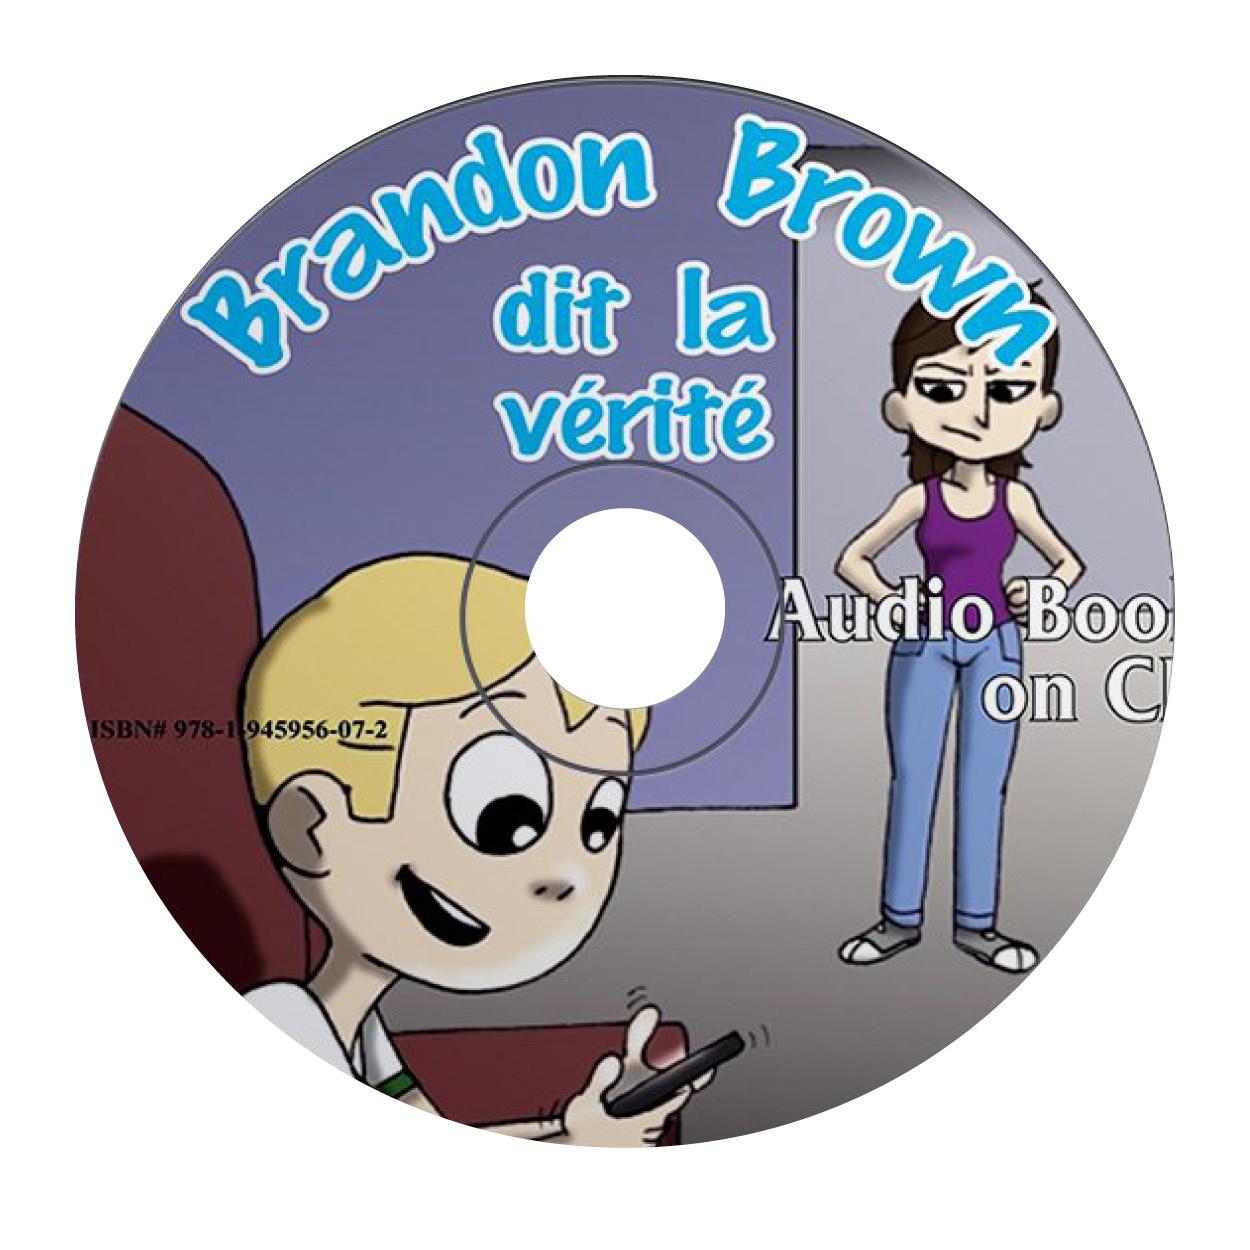 Brandon Brown dit la vérité - Audio Book on CD